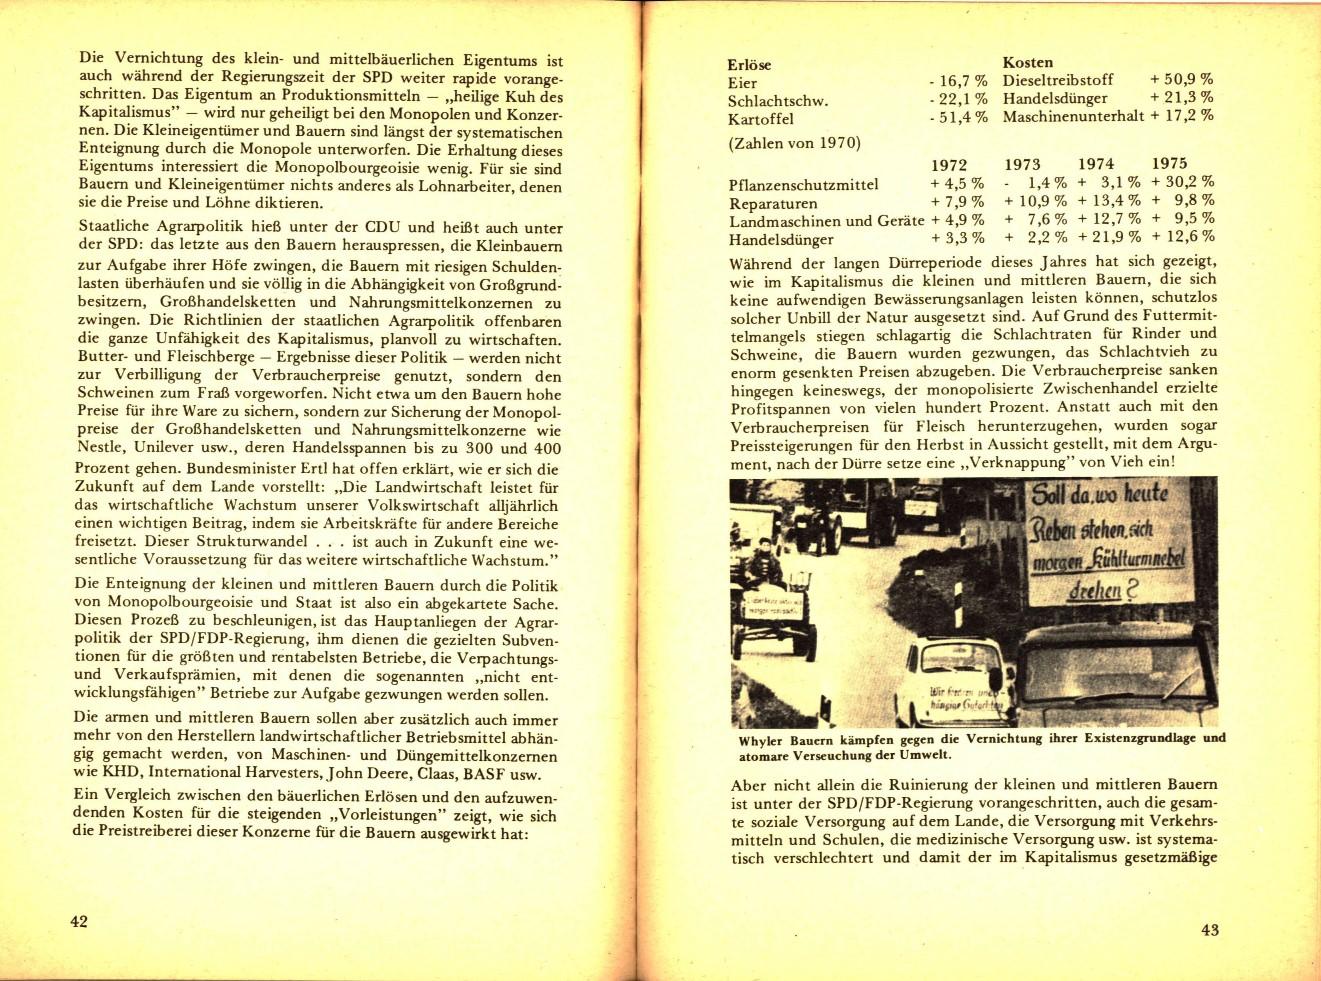 KPDAO_1976_Agitationsbroschuere_zur_BTW_23